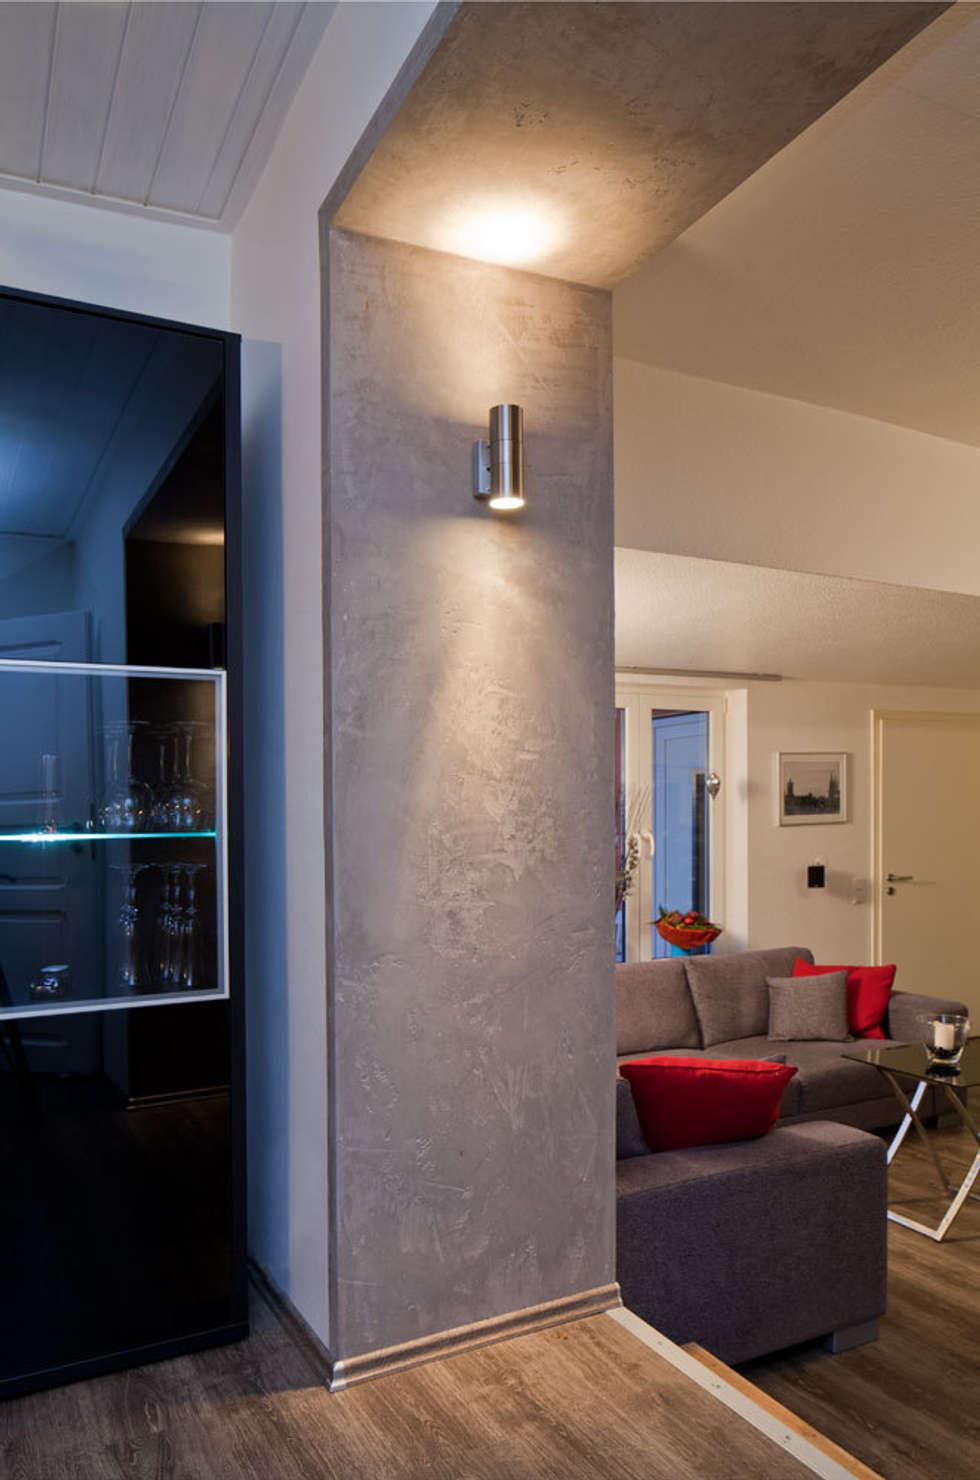 Schön Wohnraum Wandgestaltung Wohnideen Wandgestaltung ...